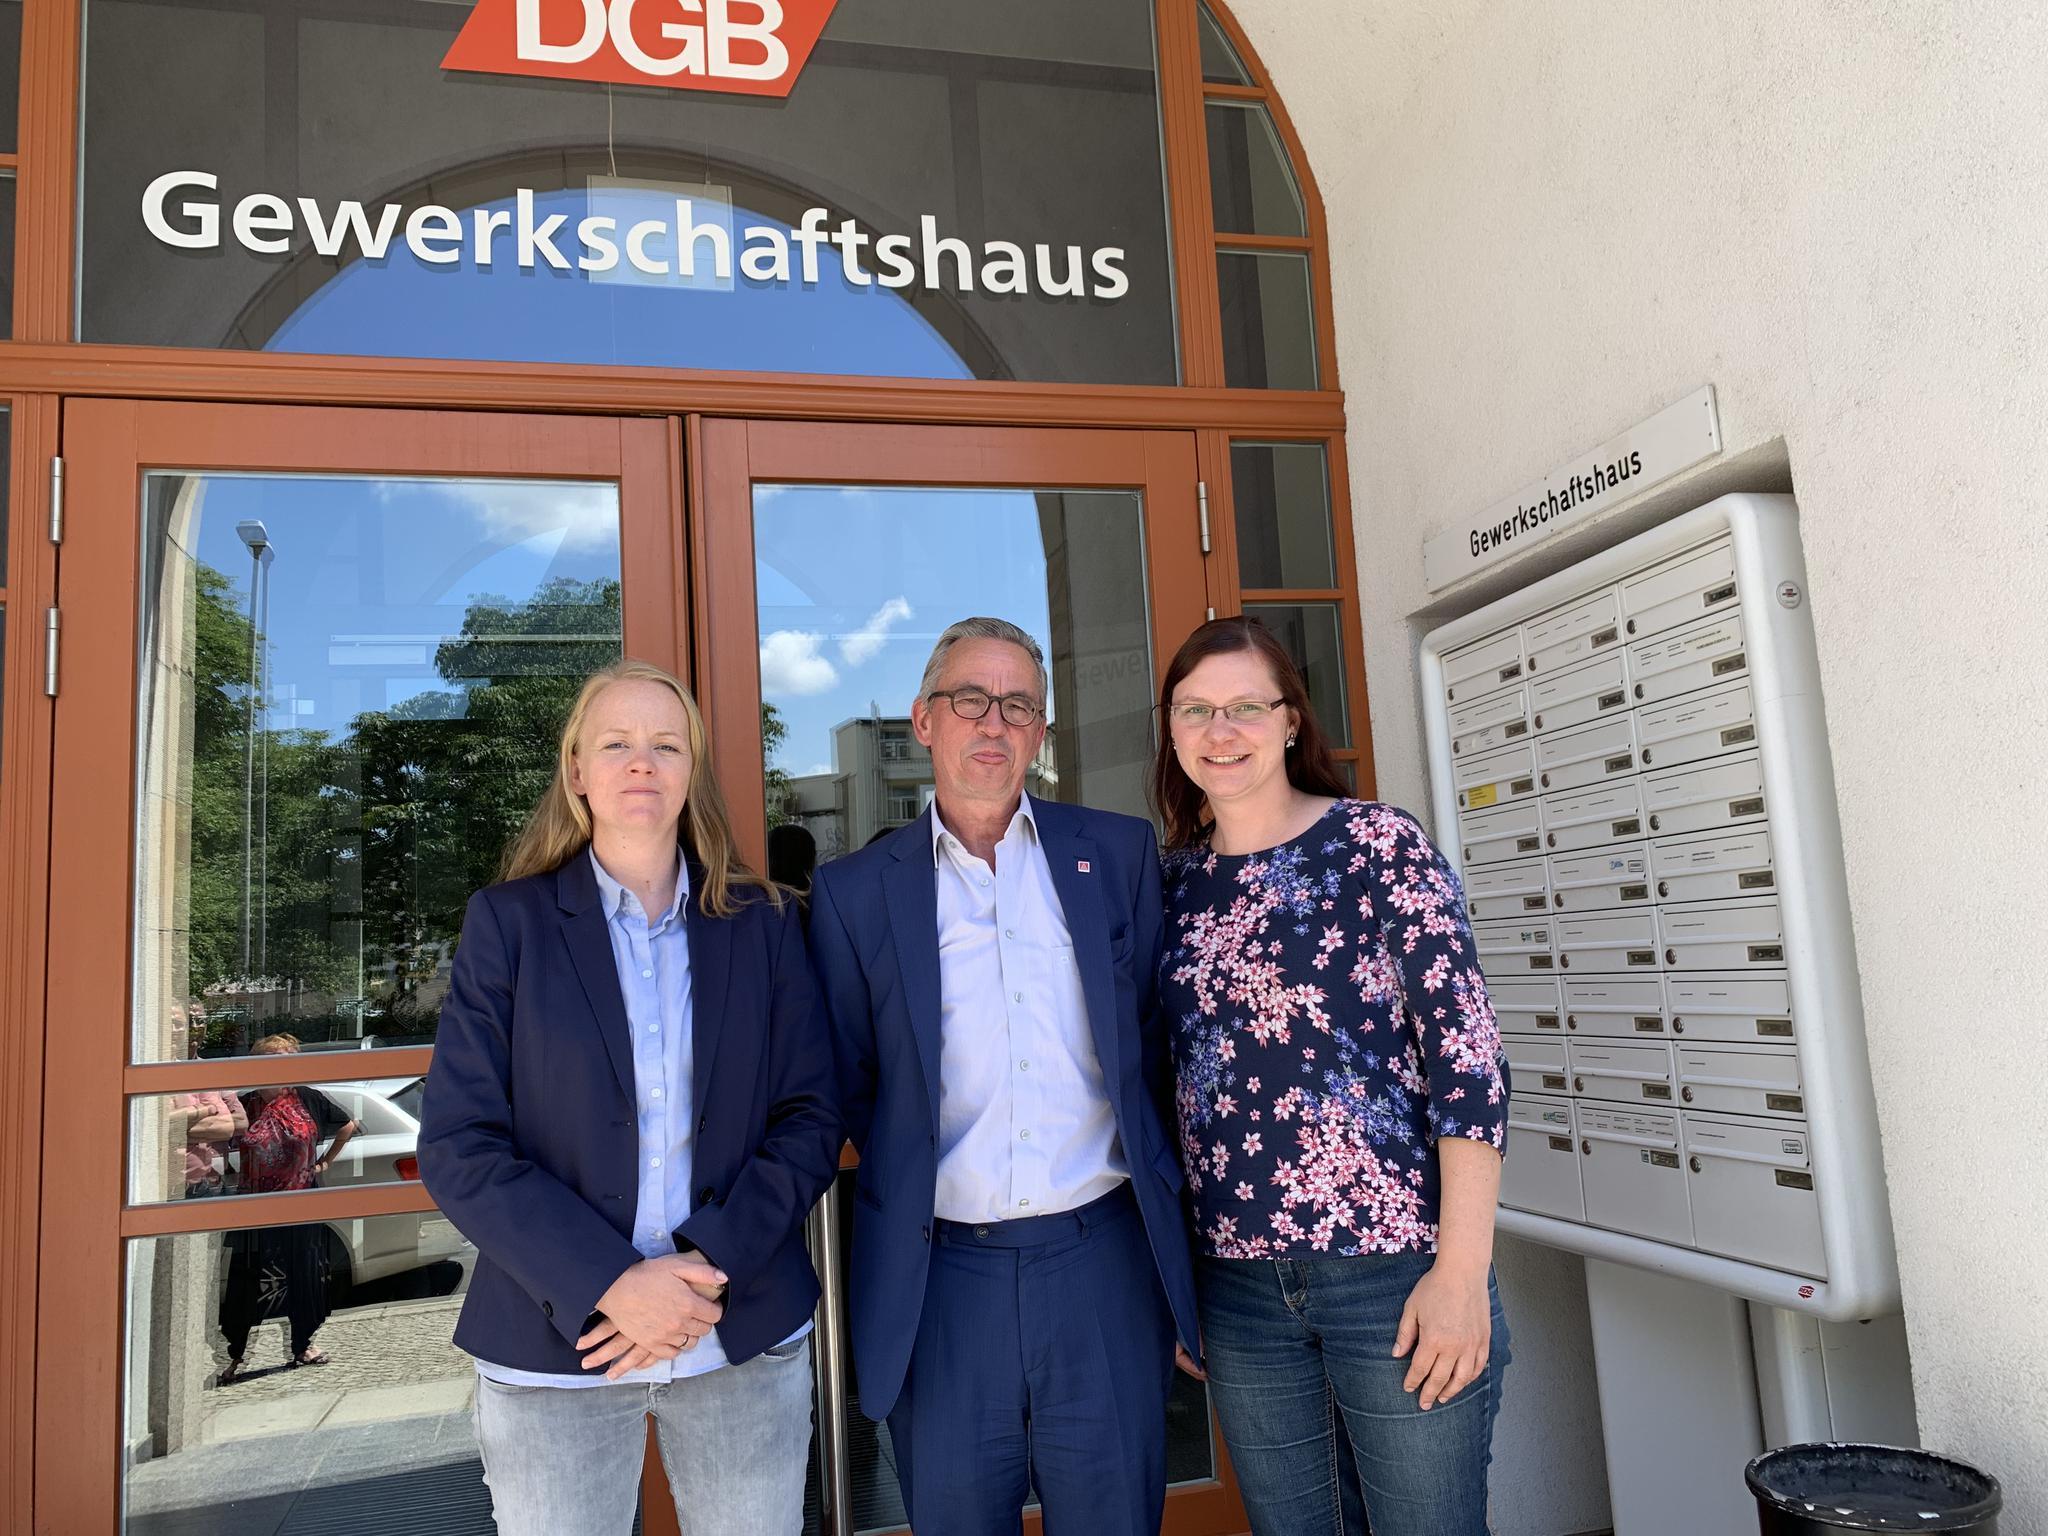 Anne Neuendorf, Wolfgang Lemb und Dana Dubil